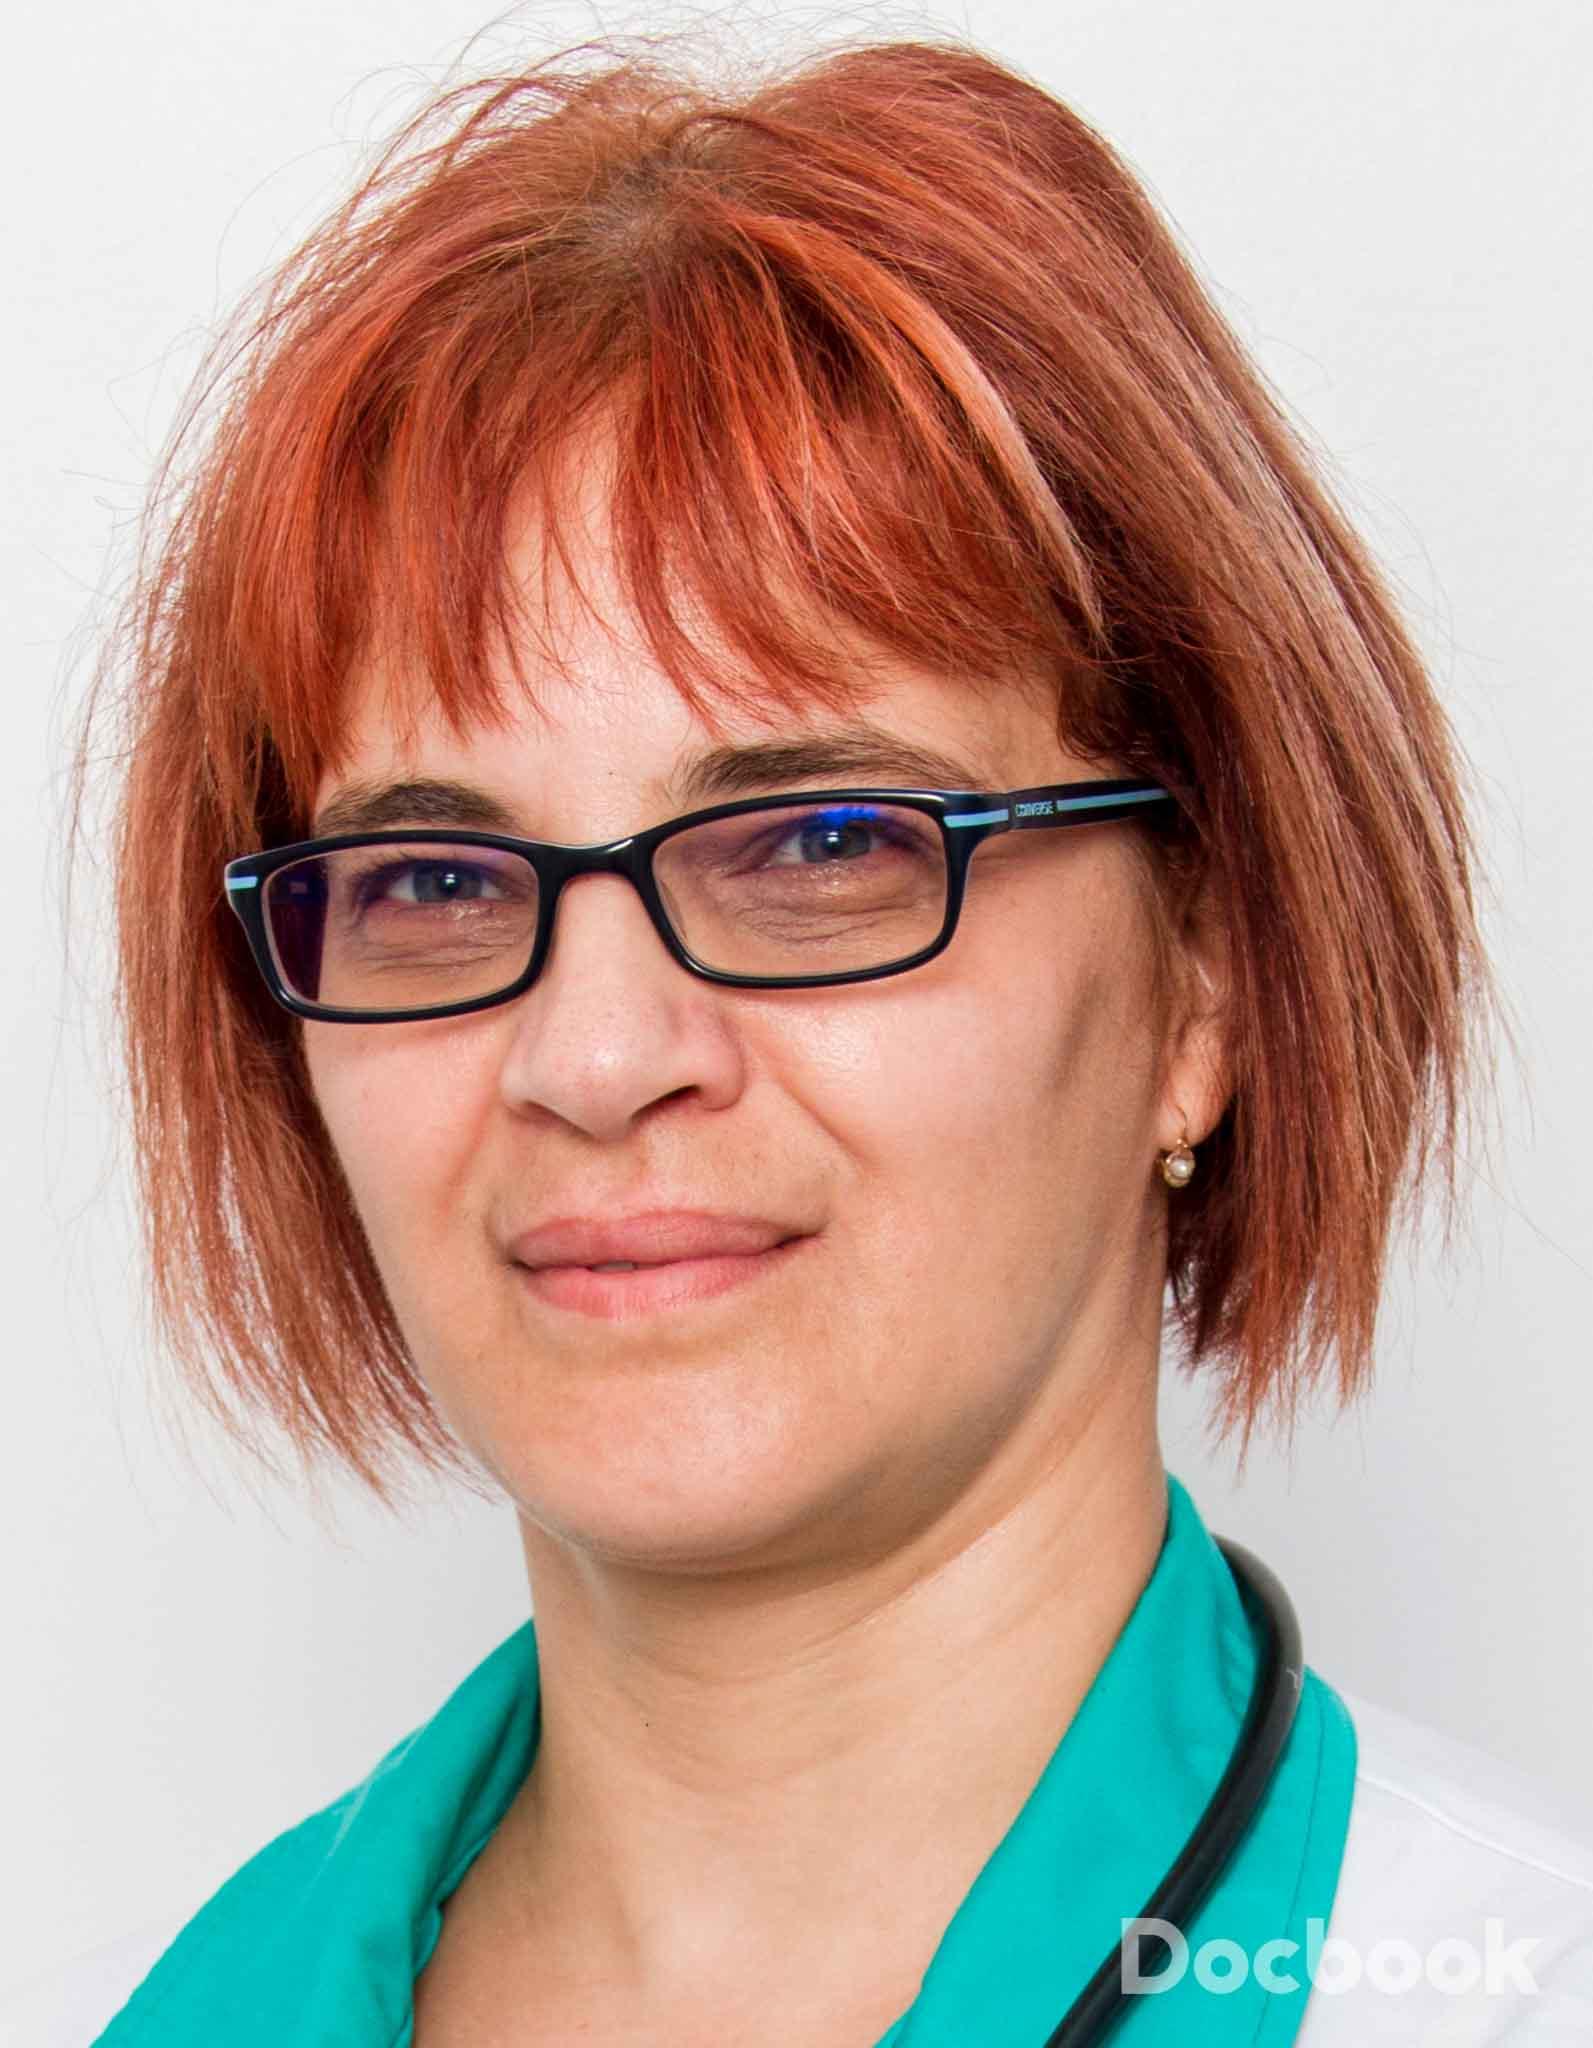 Dr. Emanuela Maria Tanasescu